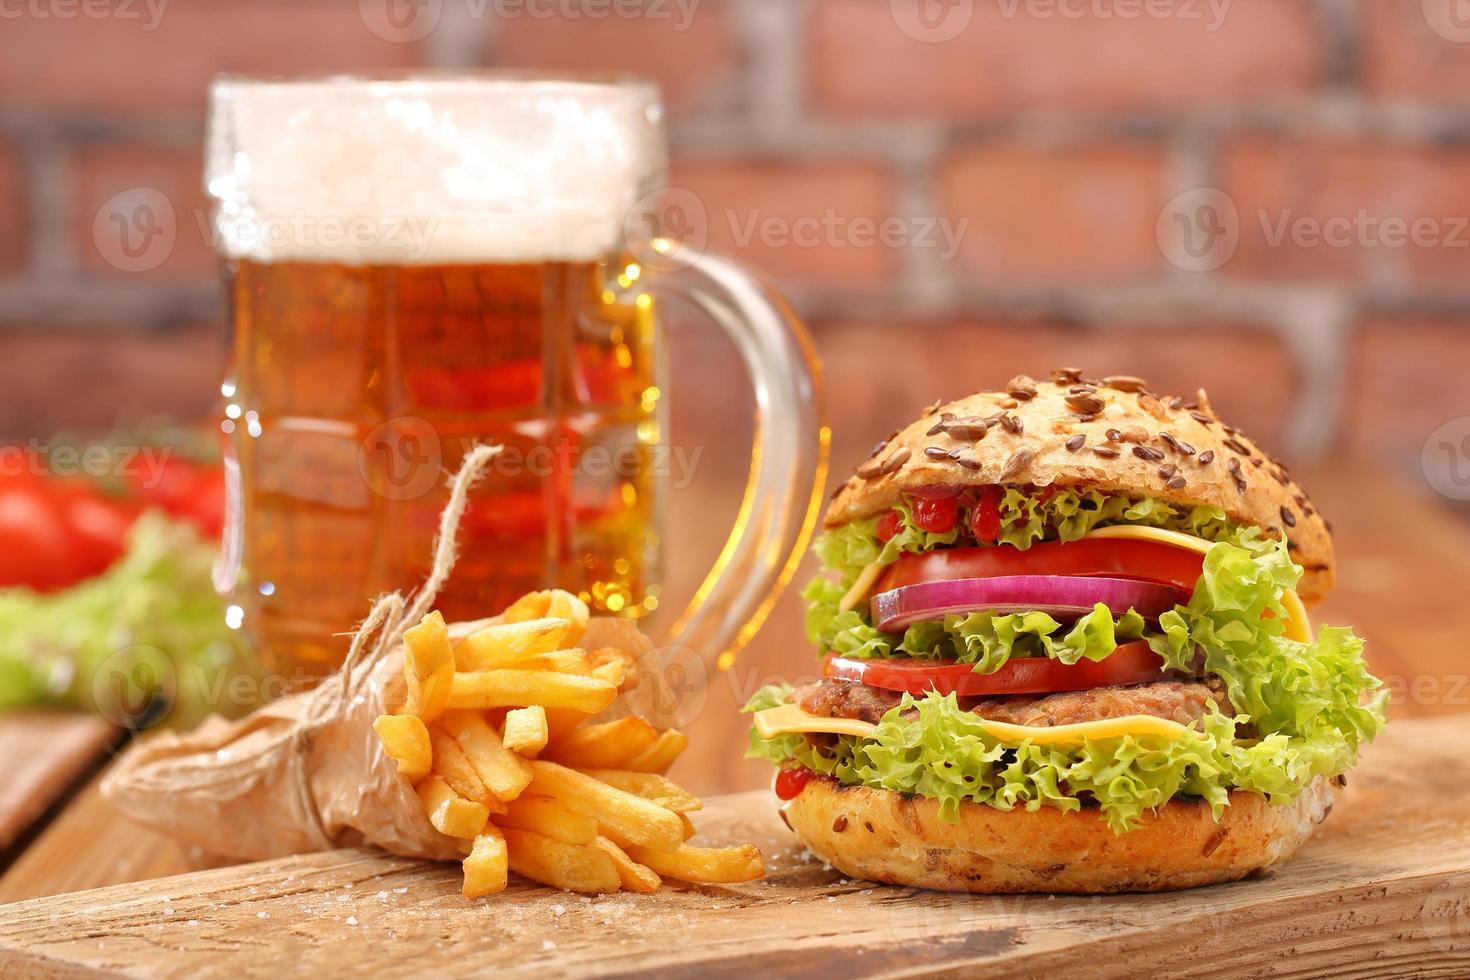 grillad hamburgare med pommes frites och öl på tegelvägg bakgrund foto